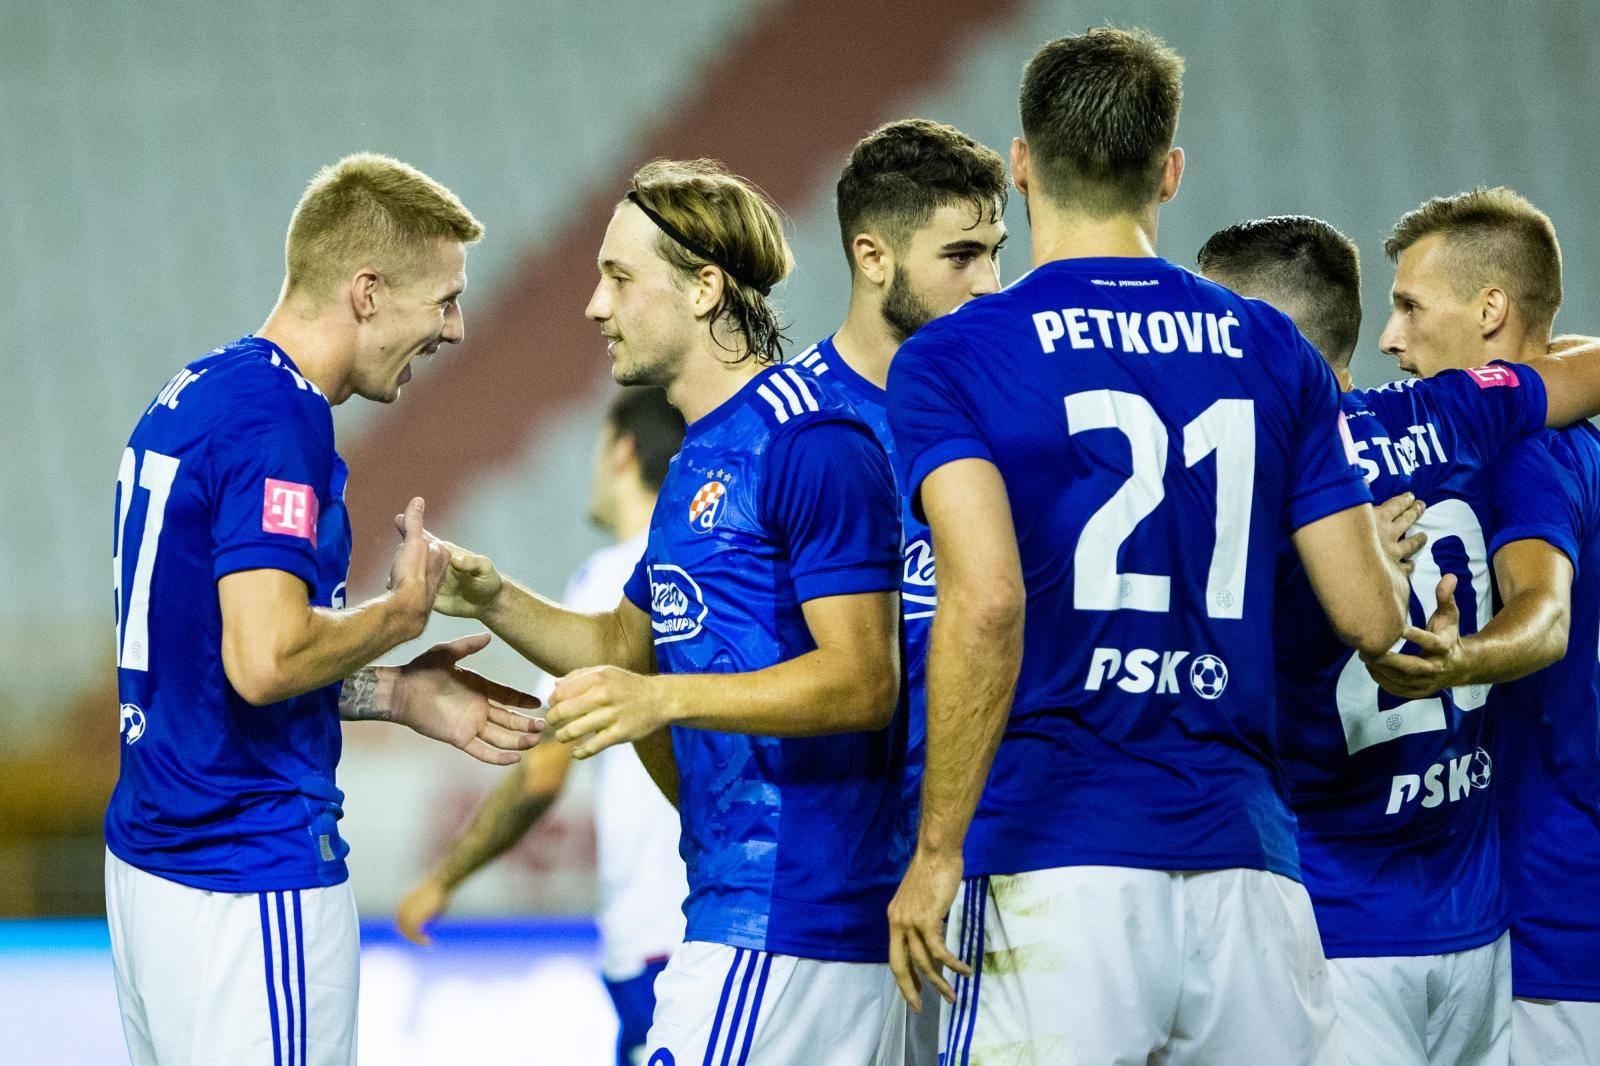 Split: HNK Hajduk i GNK Dinamo susreli se u 4. kolu Prve HNL